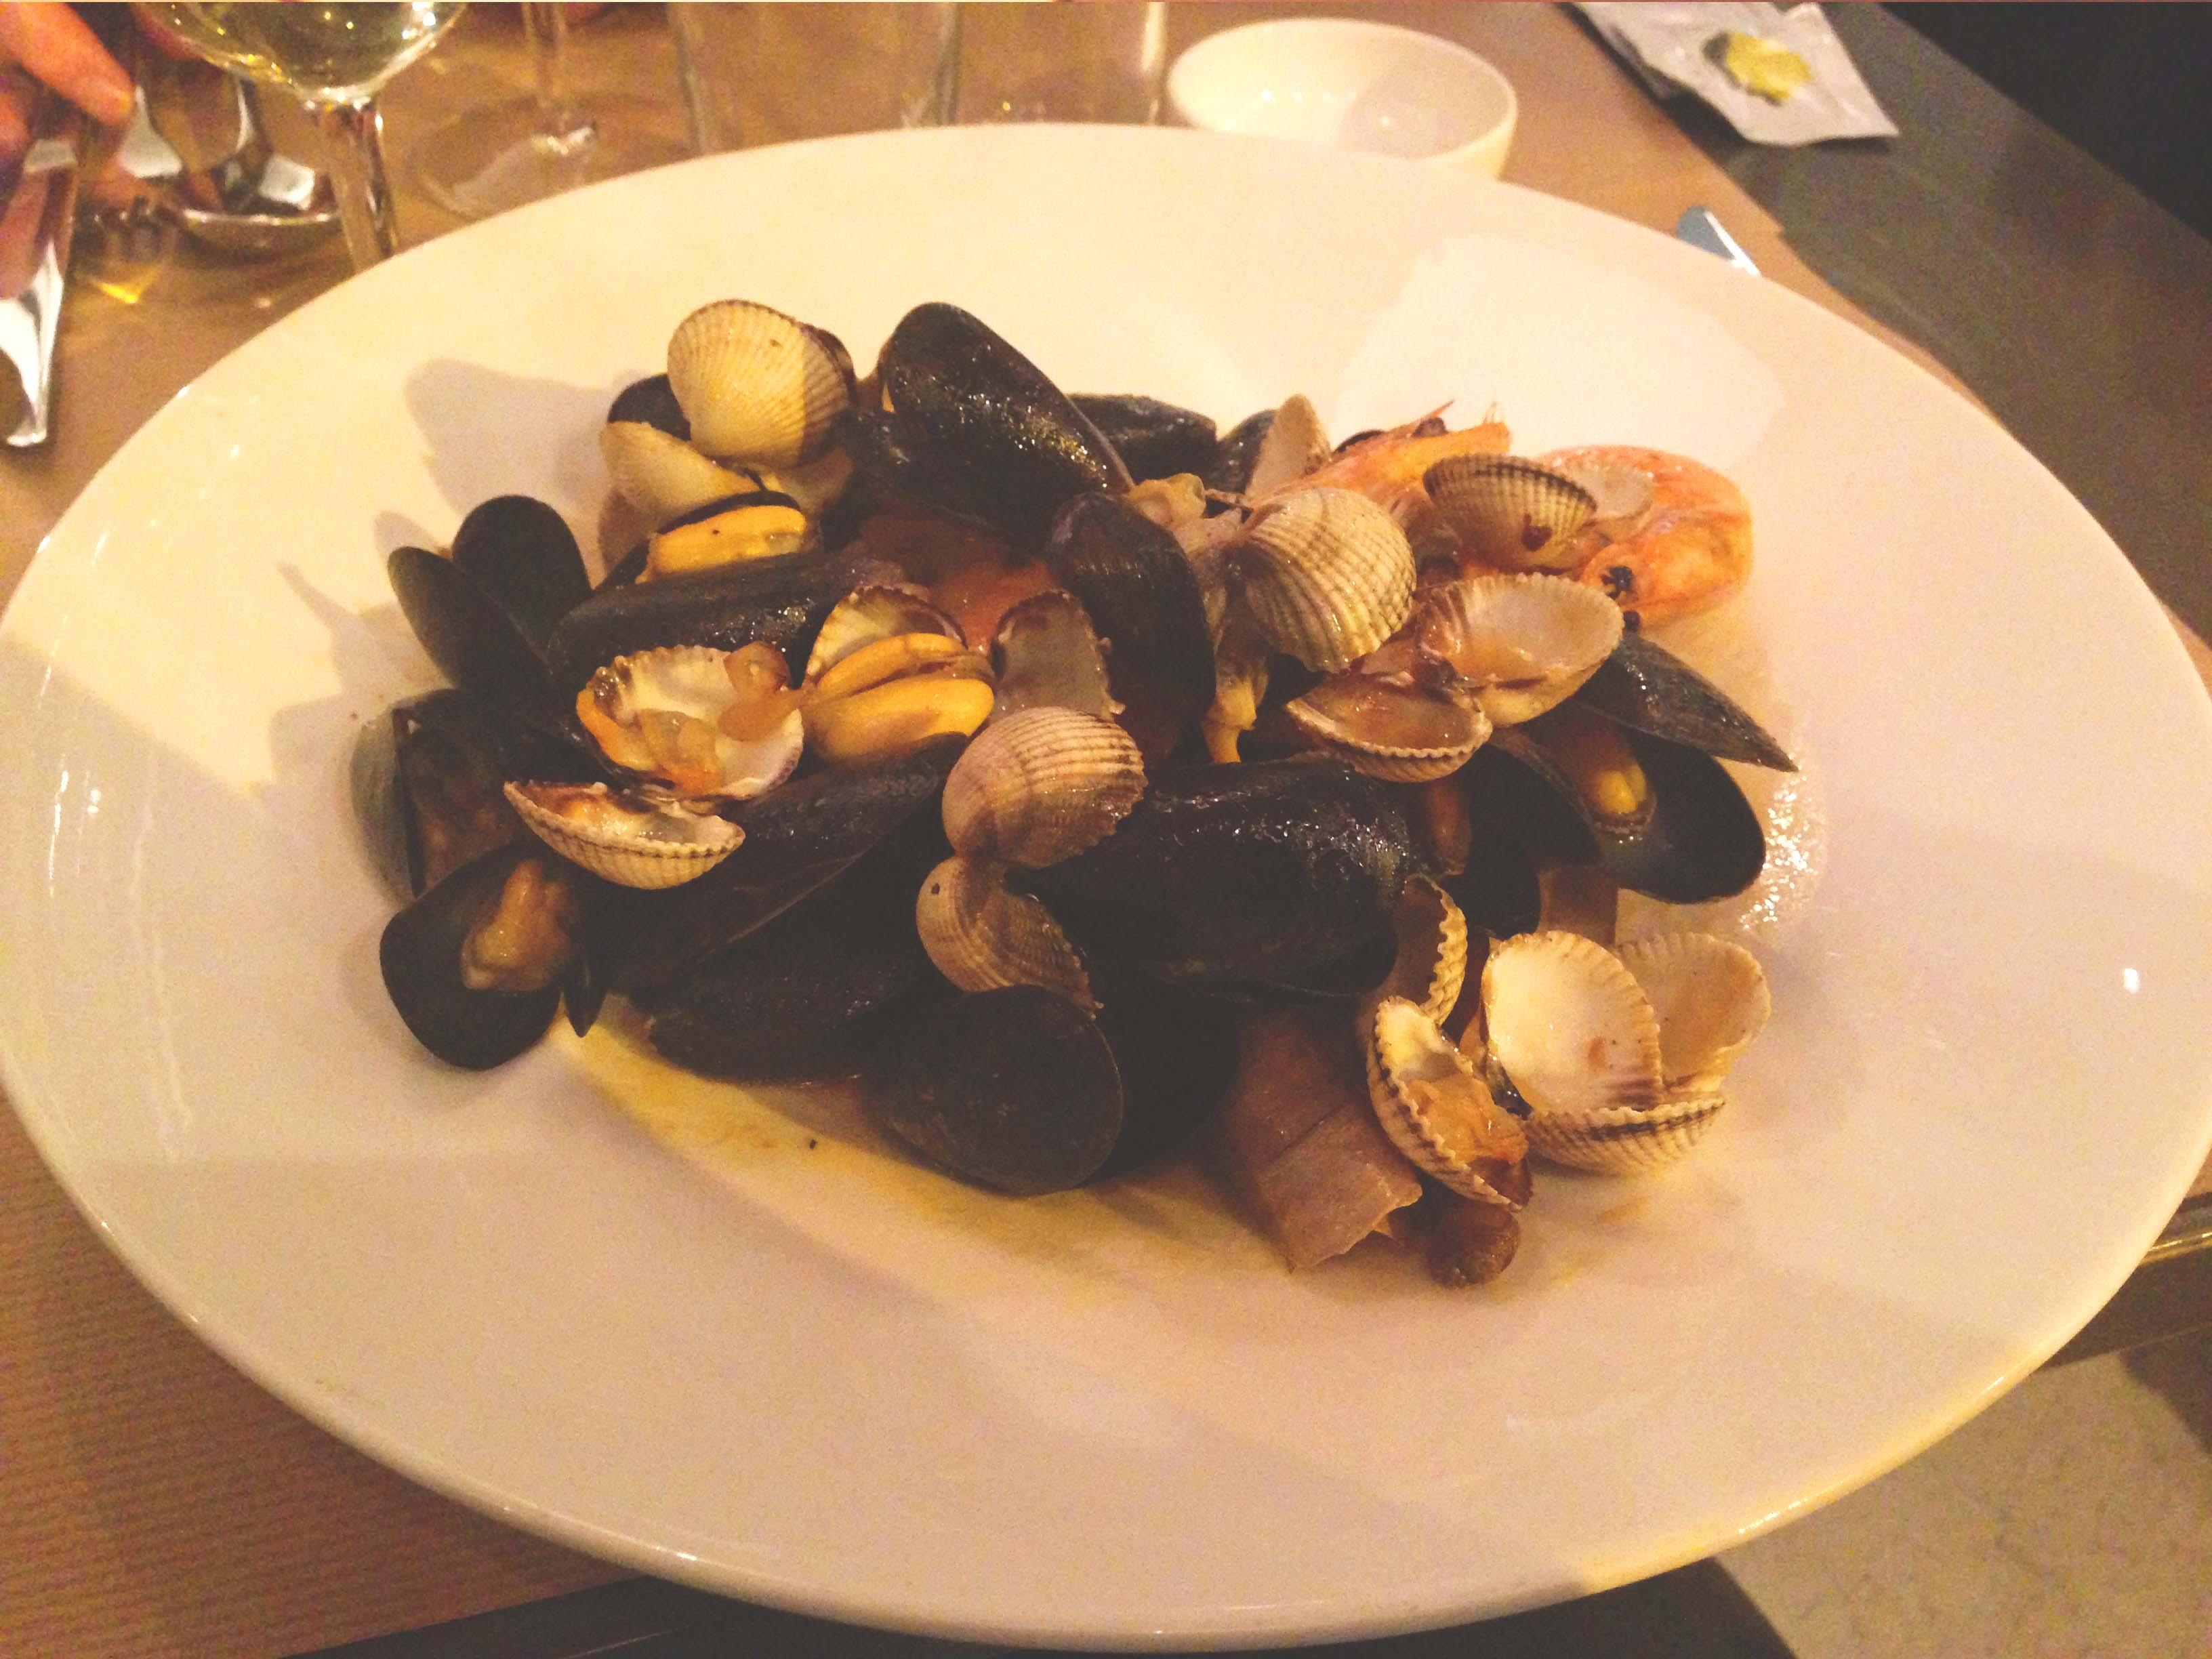 La table d aligre the minette blog - La table d aligre ...